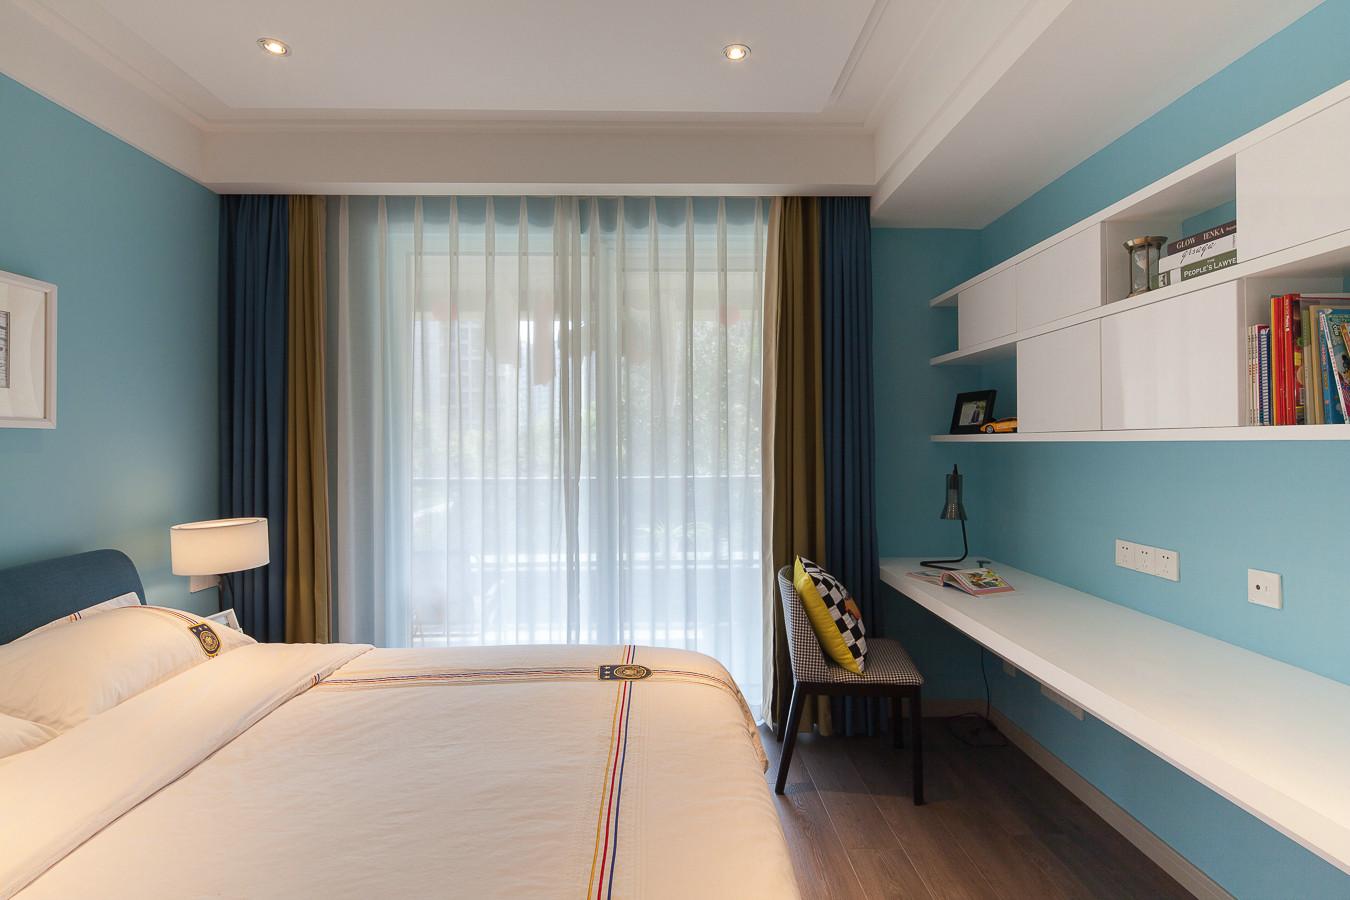 混搭 二居 收纳 旧房改造 小资 卧室图片来自北京今朝装饰在混搭主义的分享